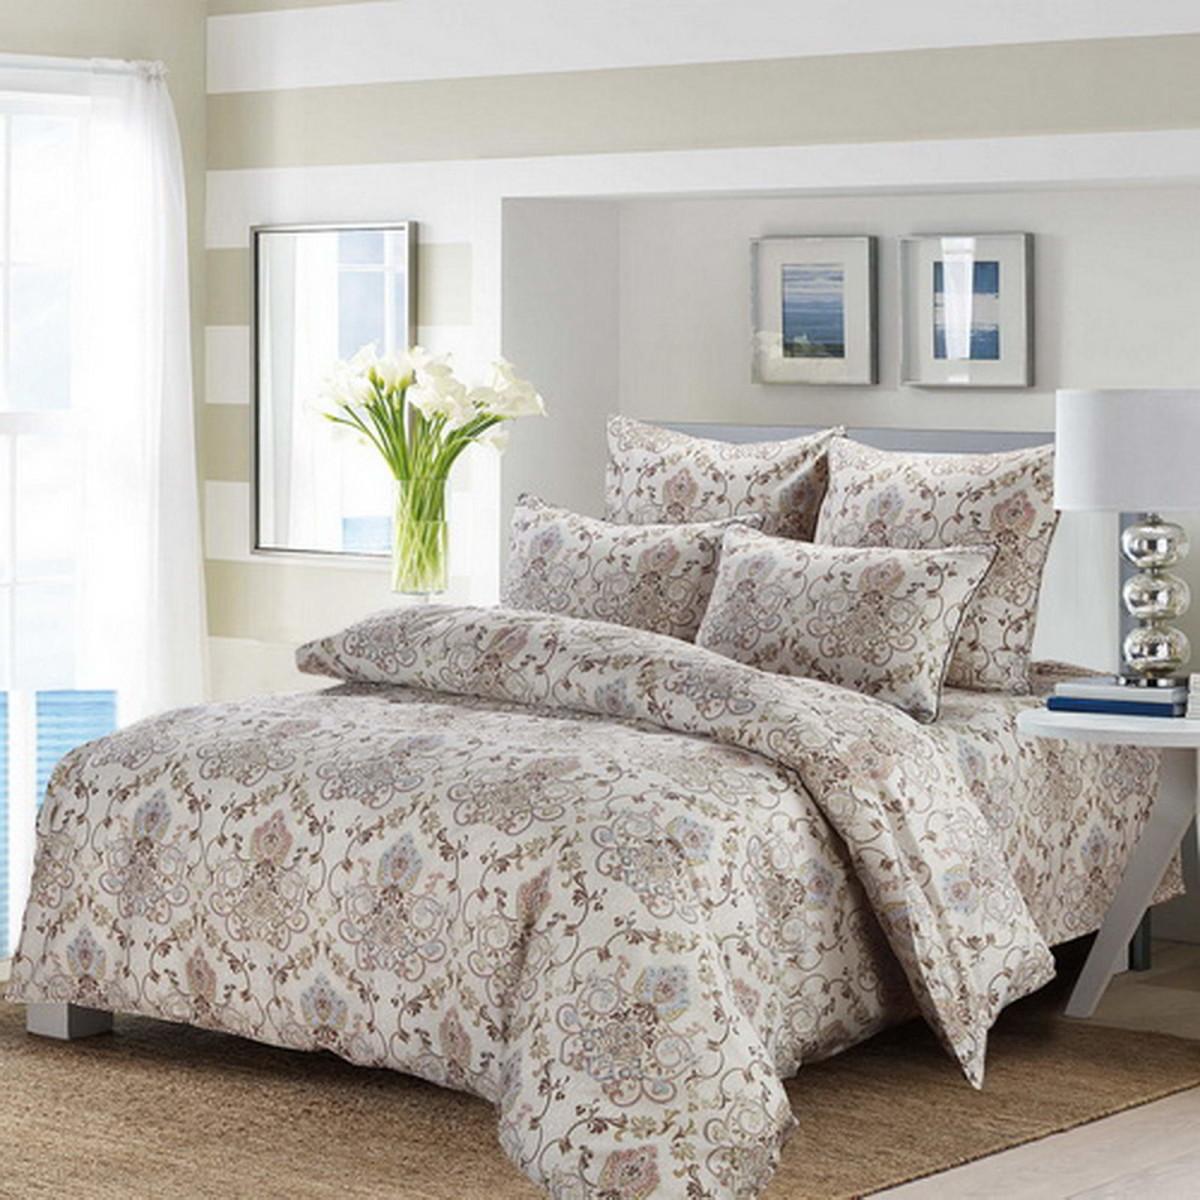 Комплект постельного белья Эфимея евро сатин